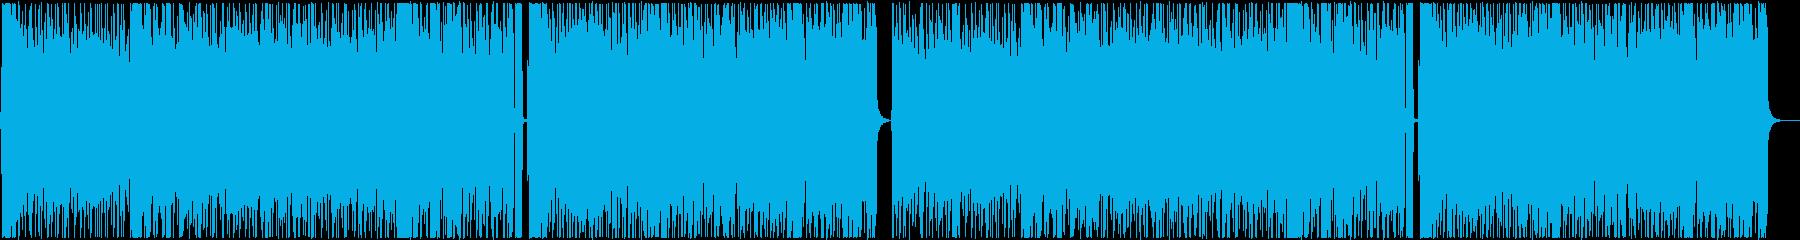 爽やかなアコギ主体のBGMの再生済みの波形